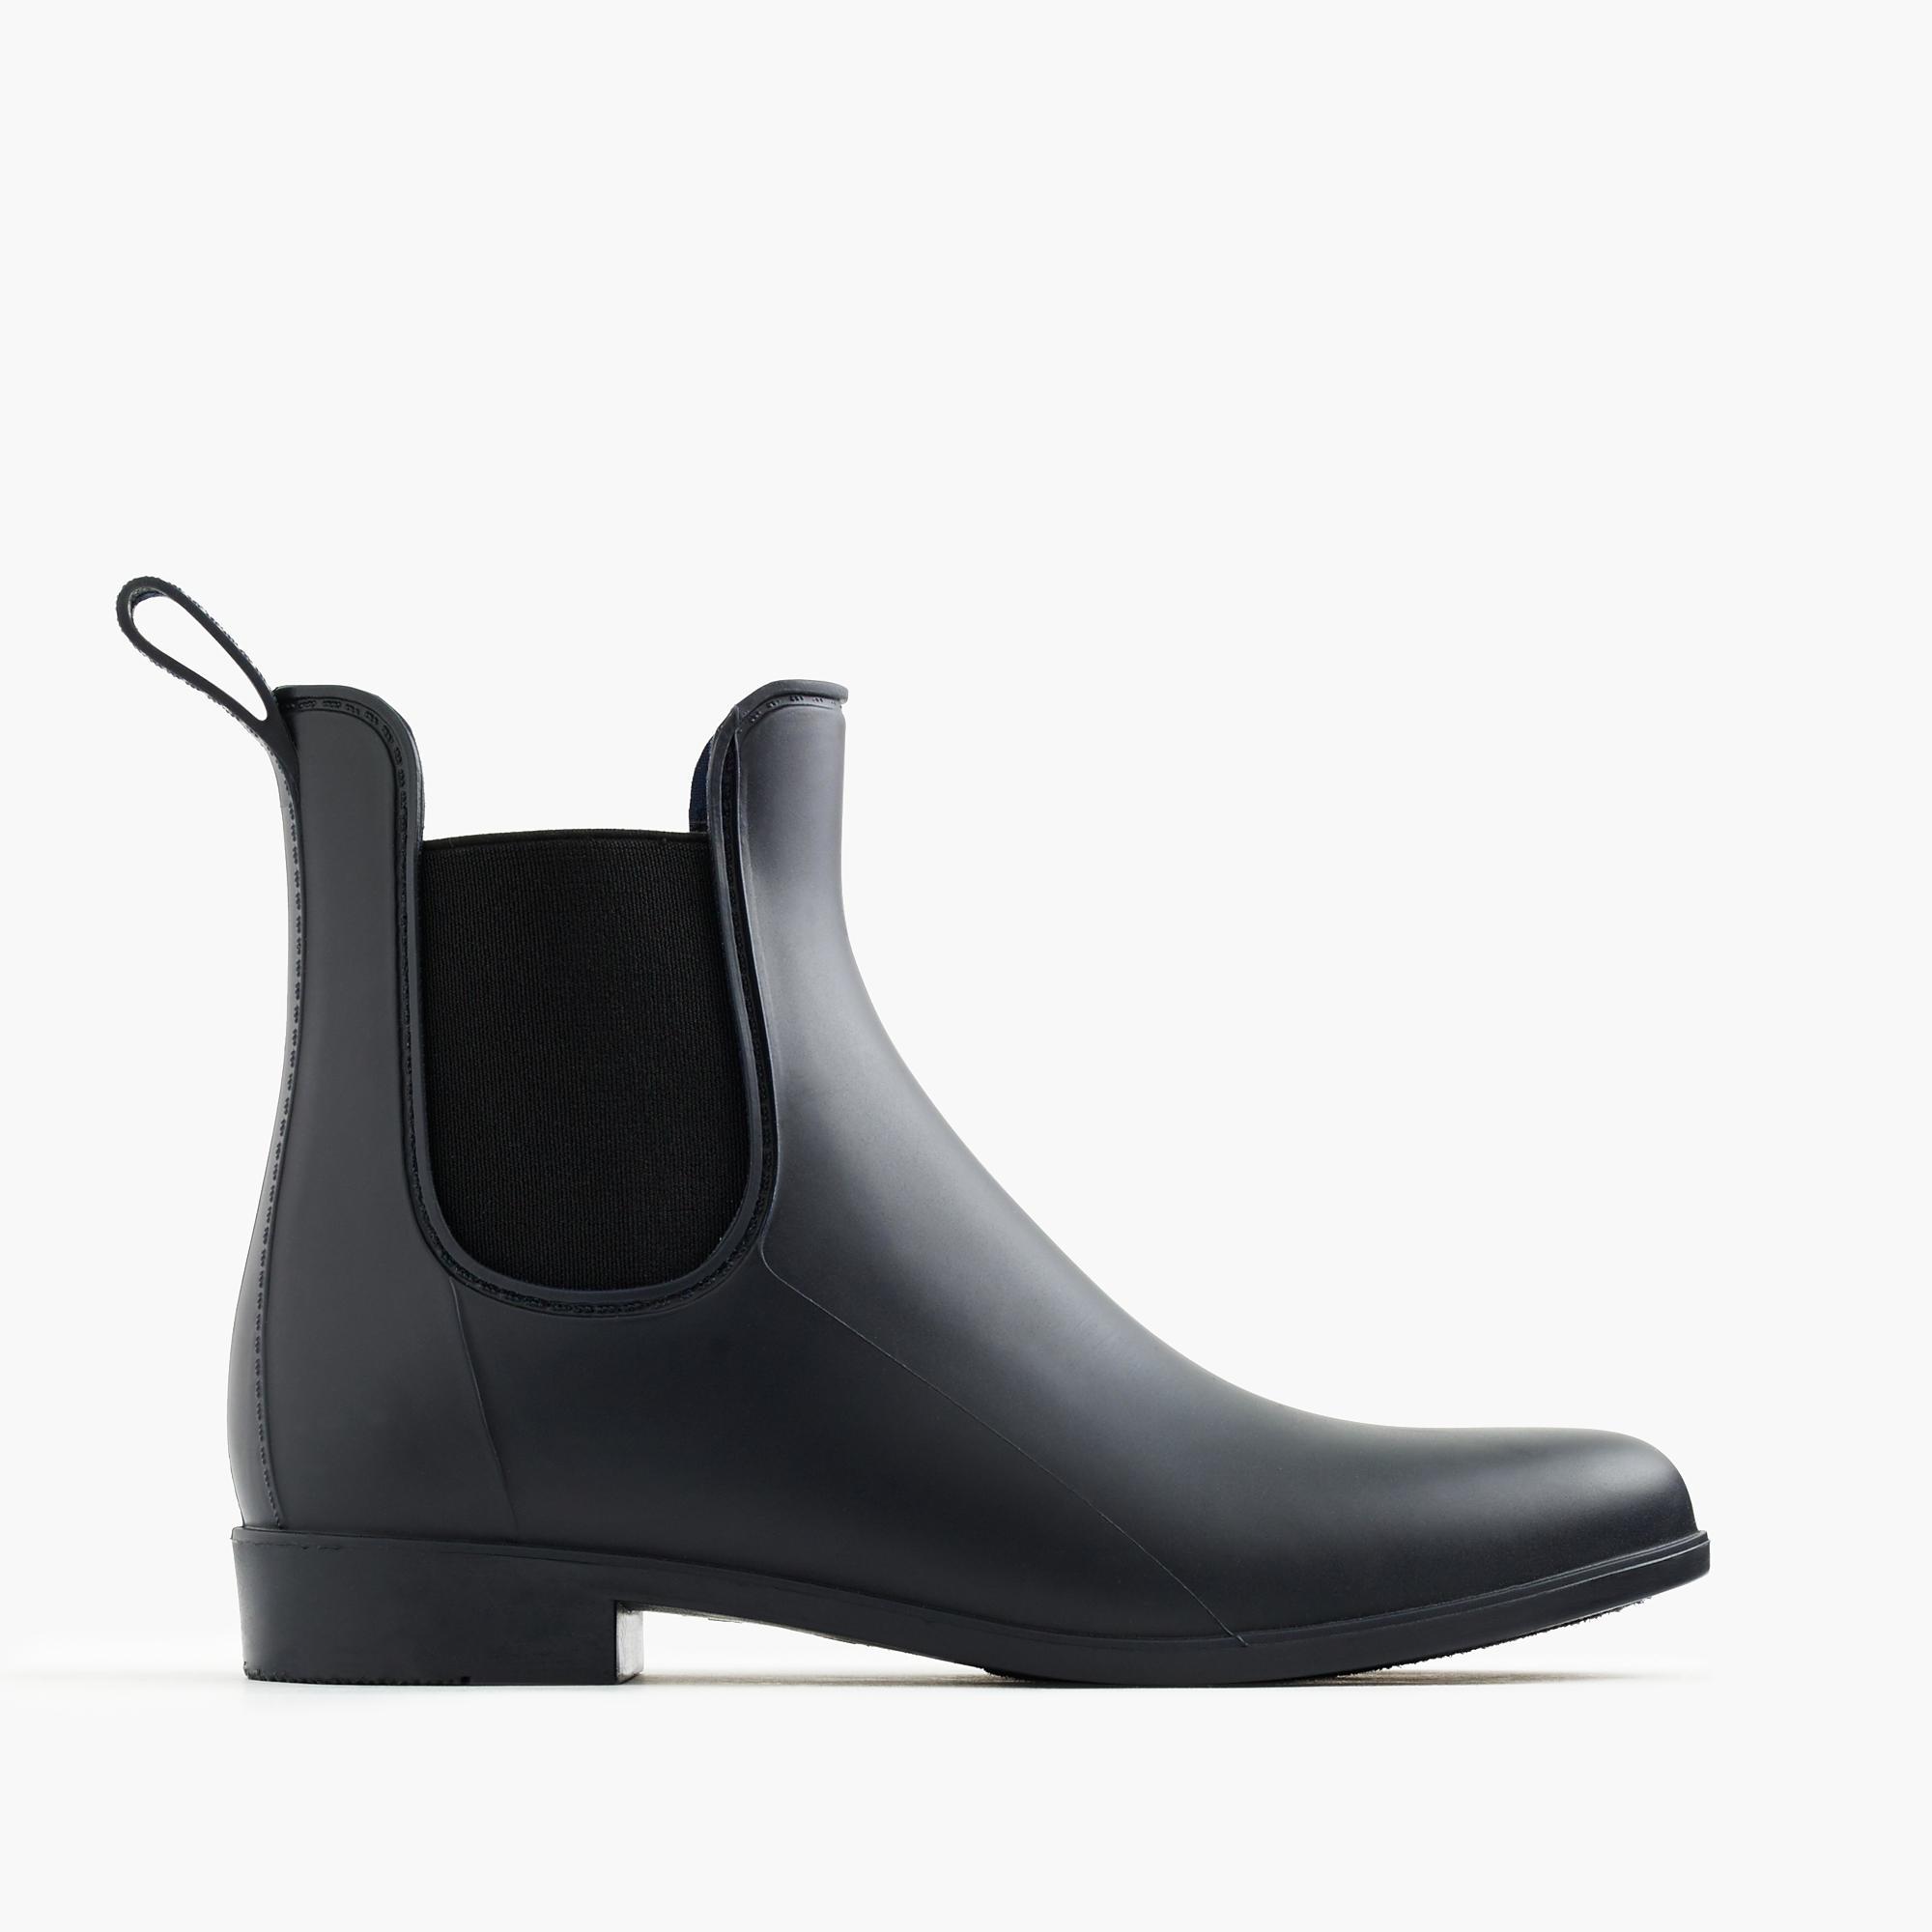 j crew chelsea rain boots review